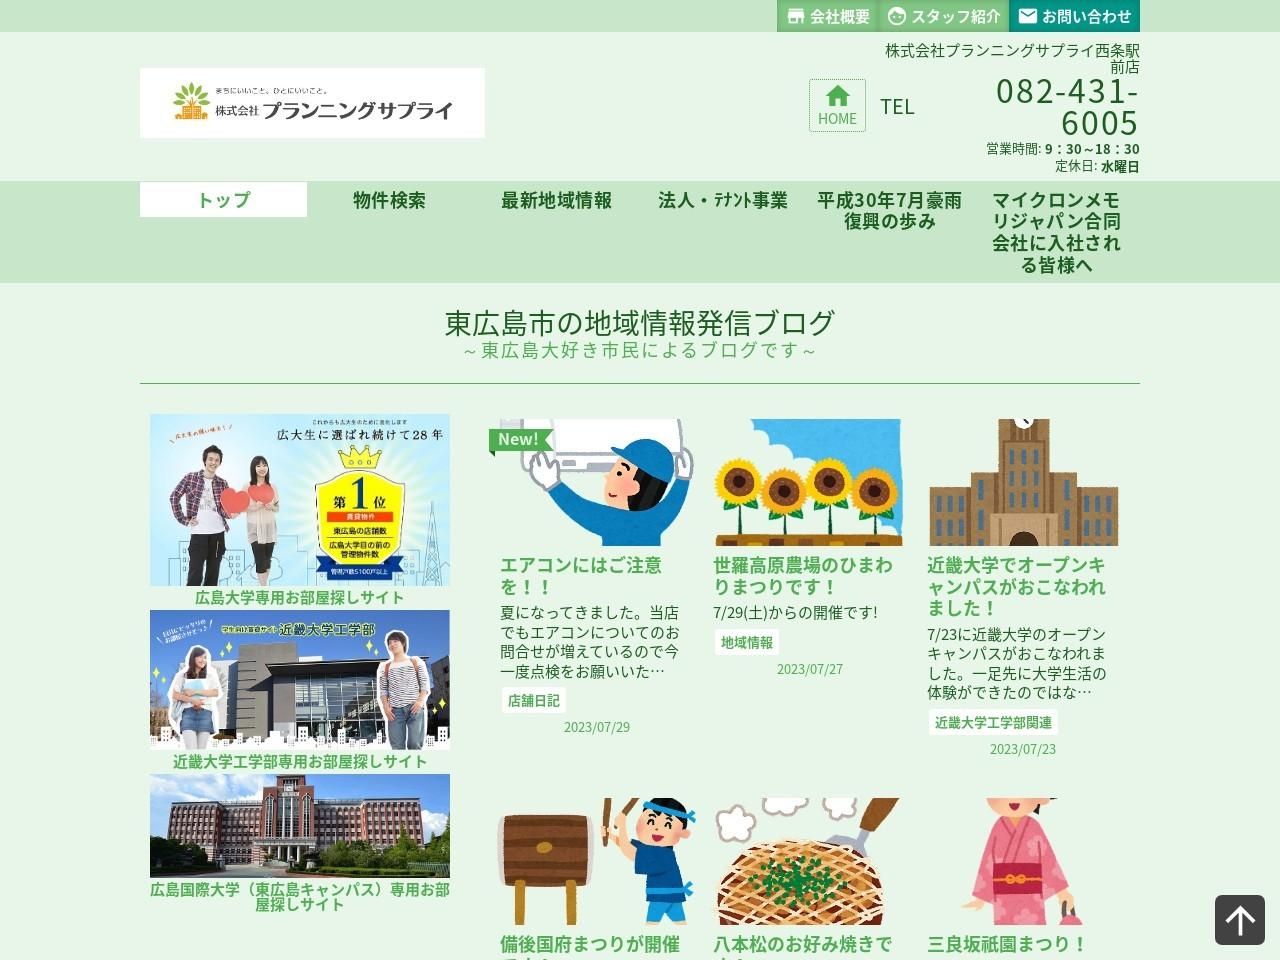 株式会社プランニングサプライ広島大学前店